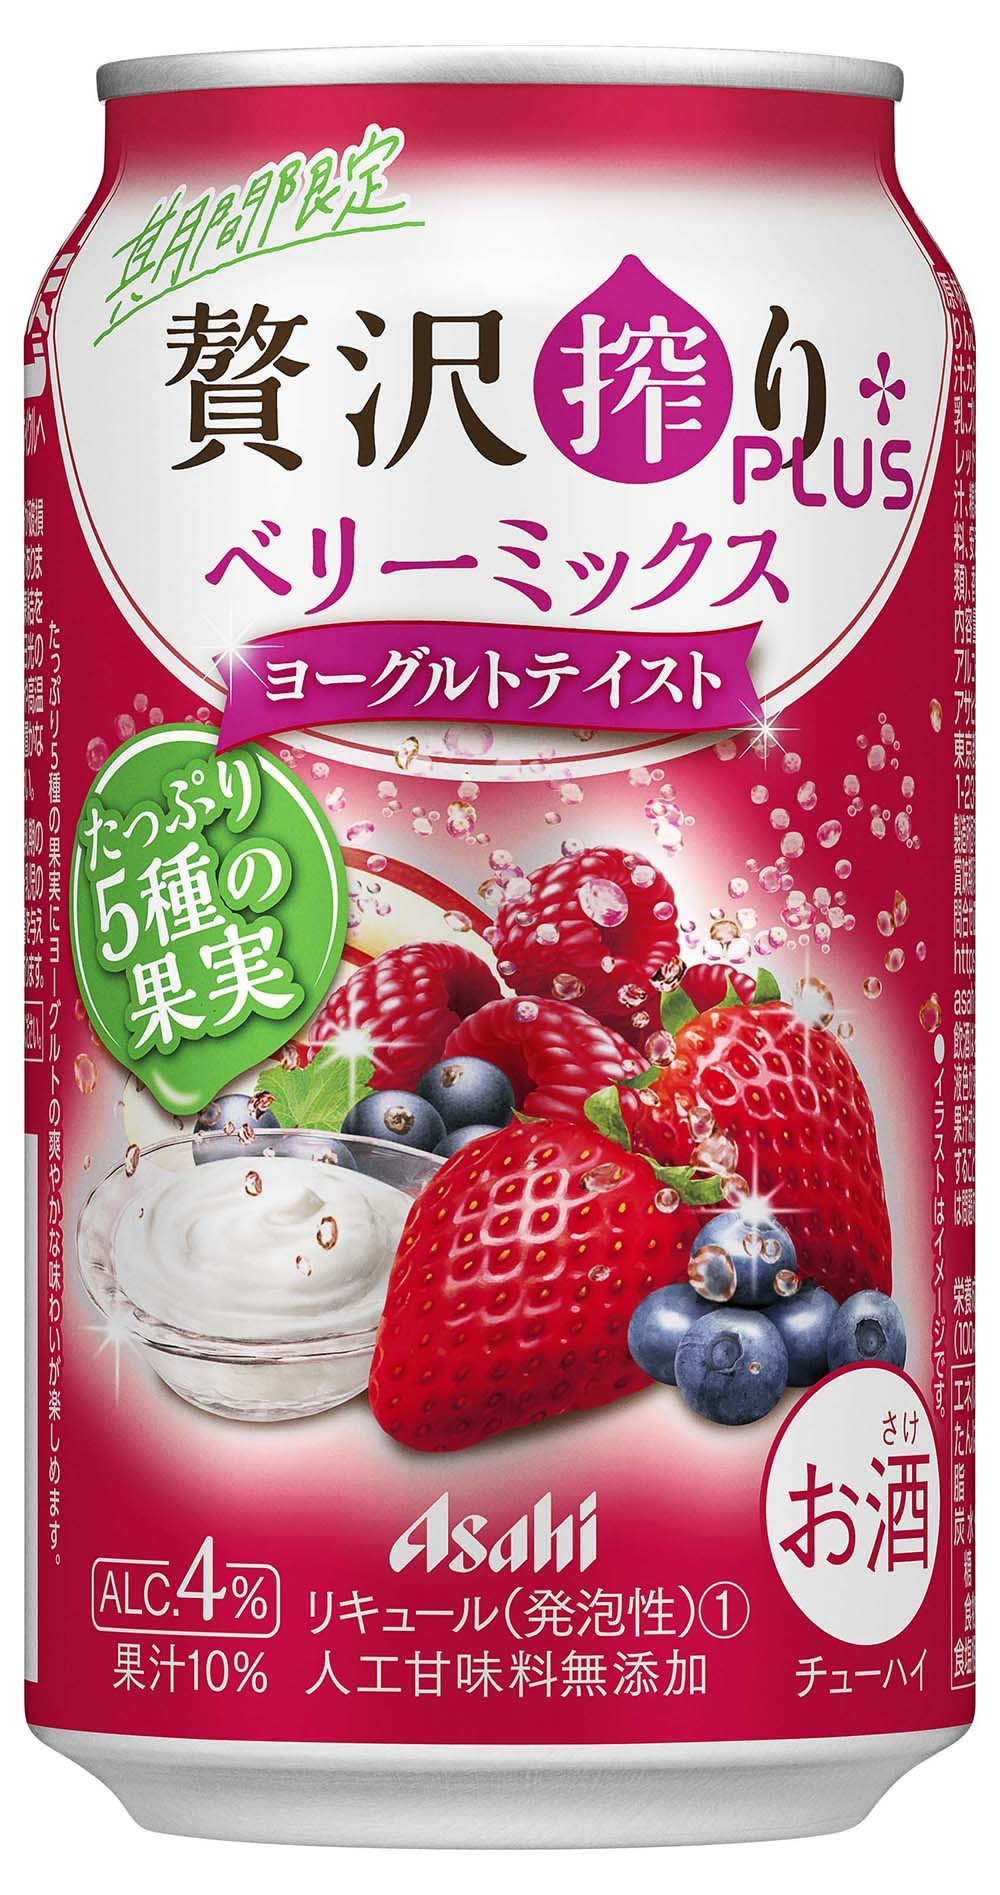 5種の果実の果汁を使ったヨーグルトテイスト2種 アサヒビールから